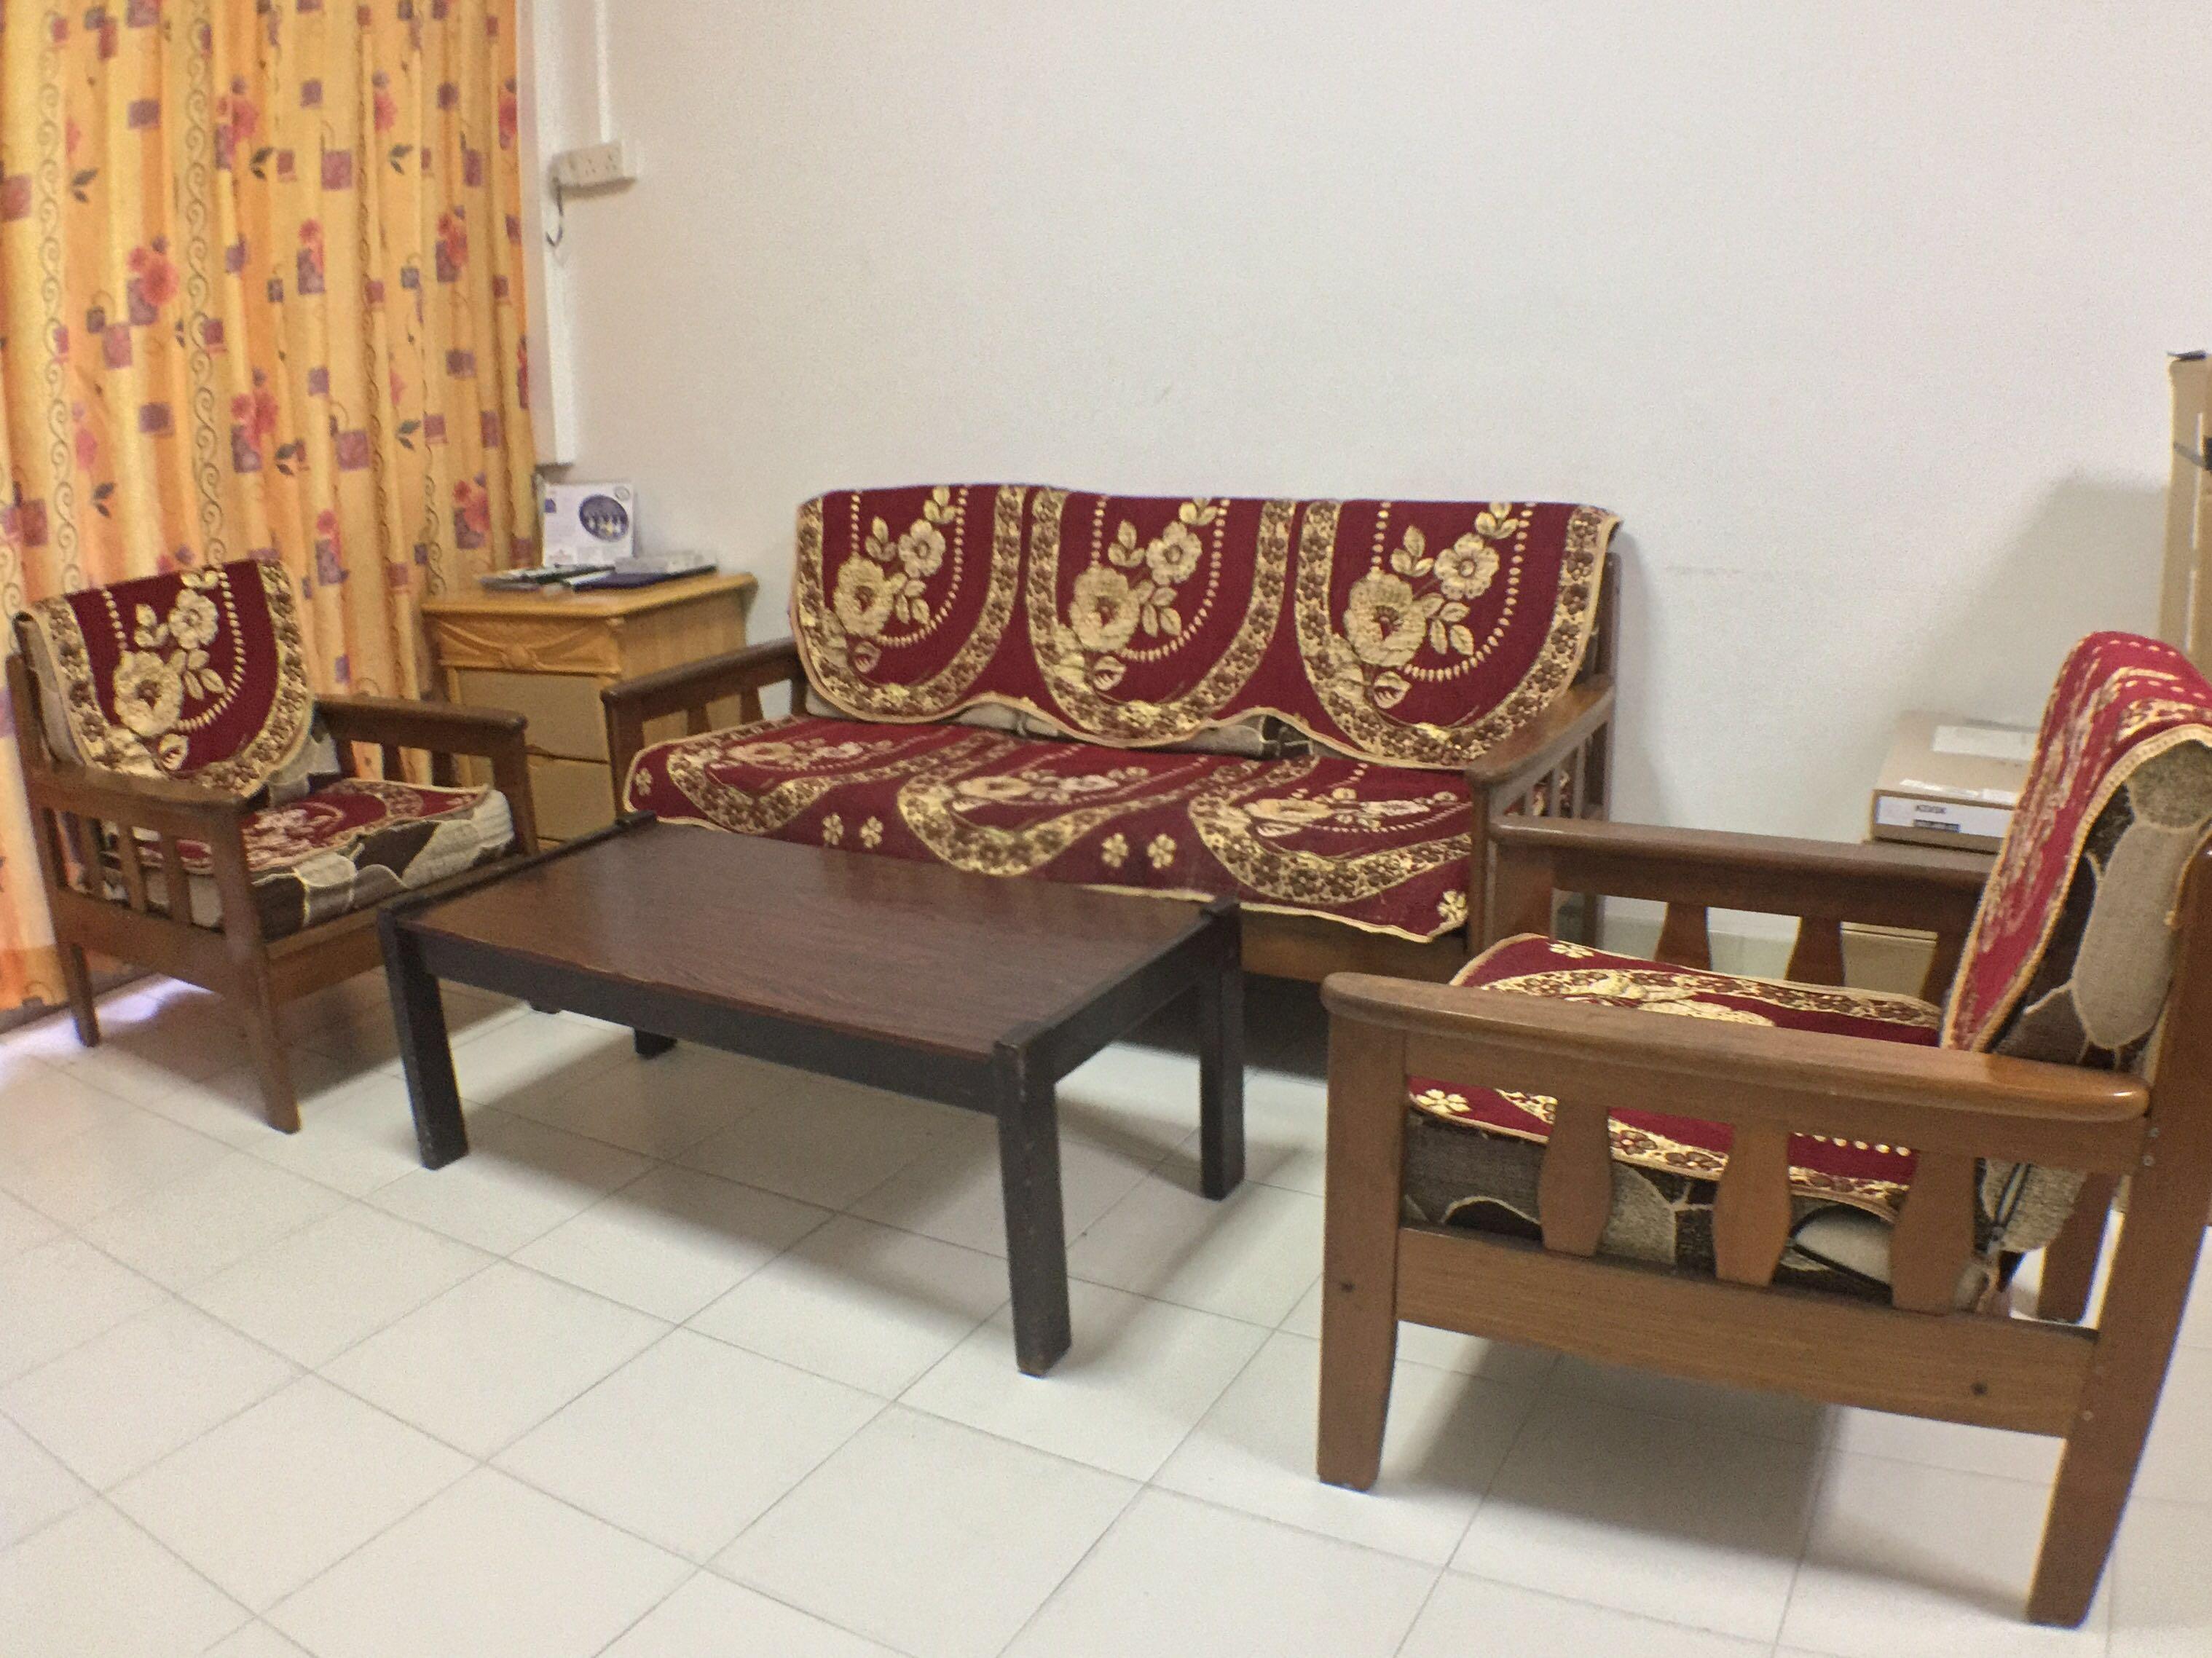 Vintage Wooden Sofa Set Furniture Sofas On Carousell